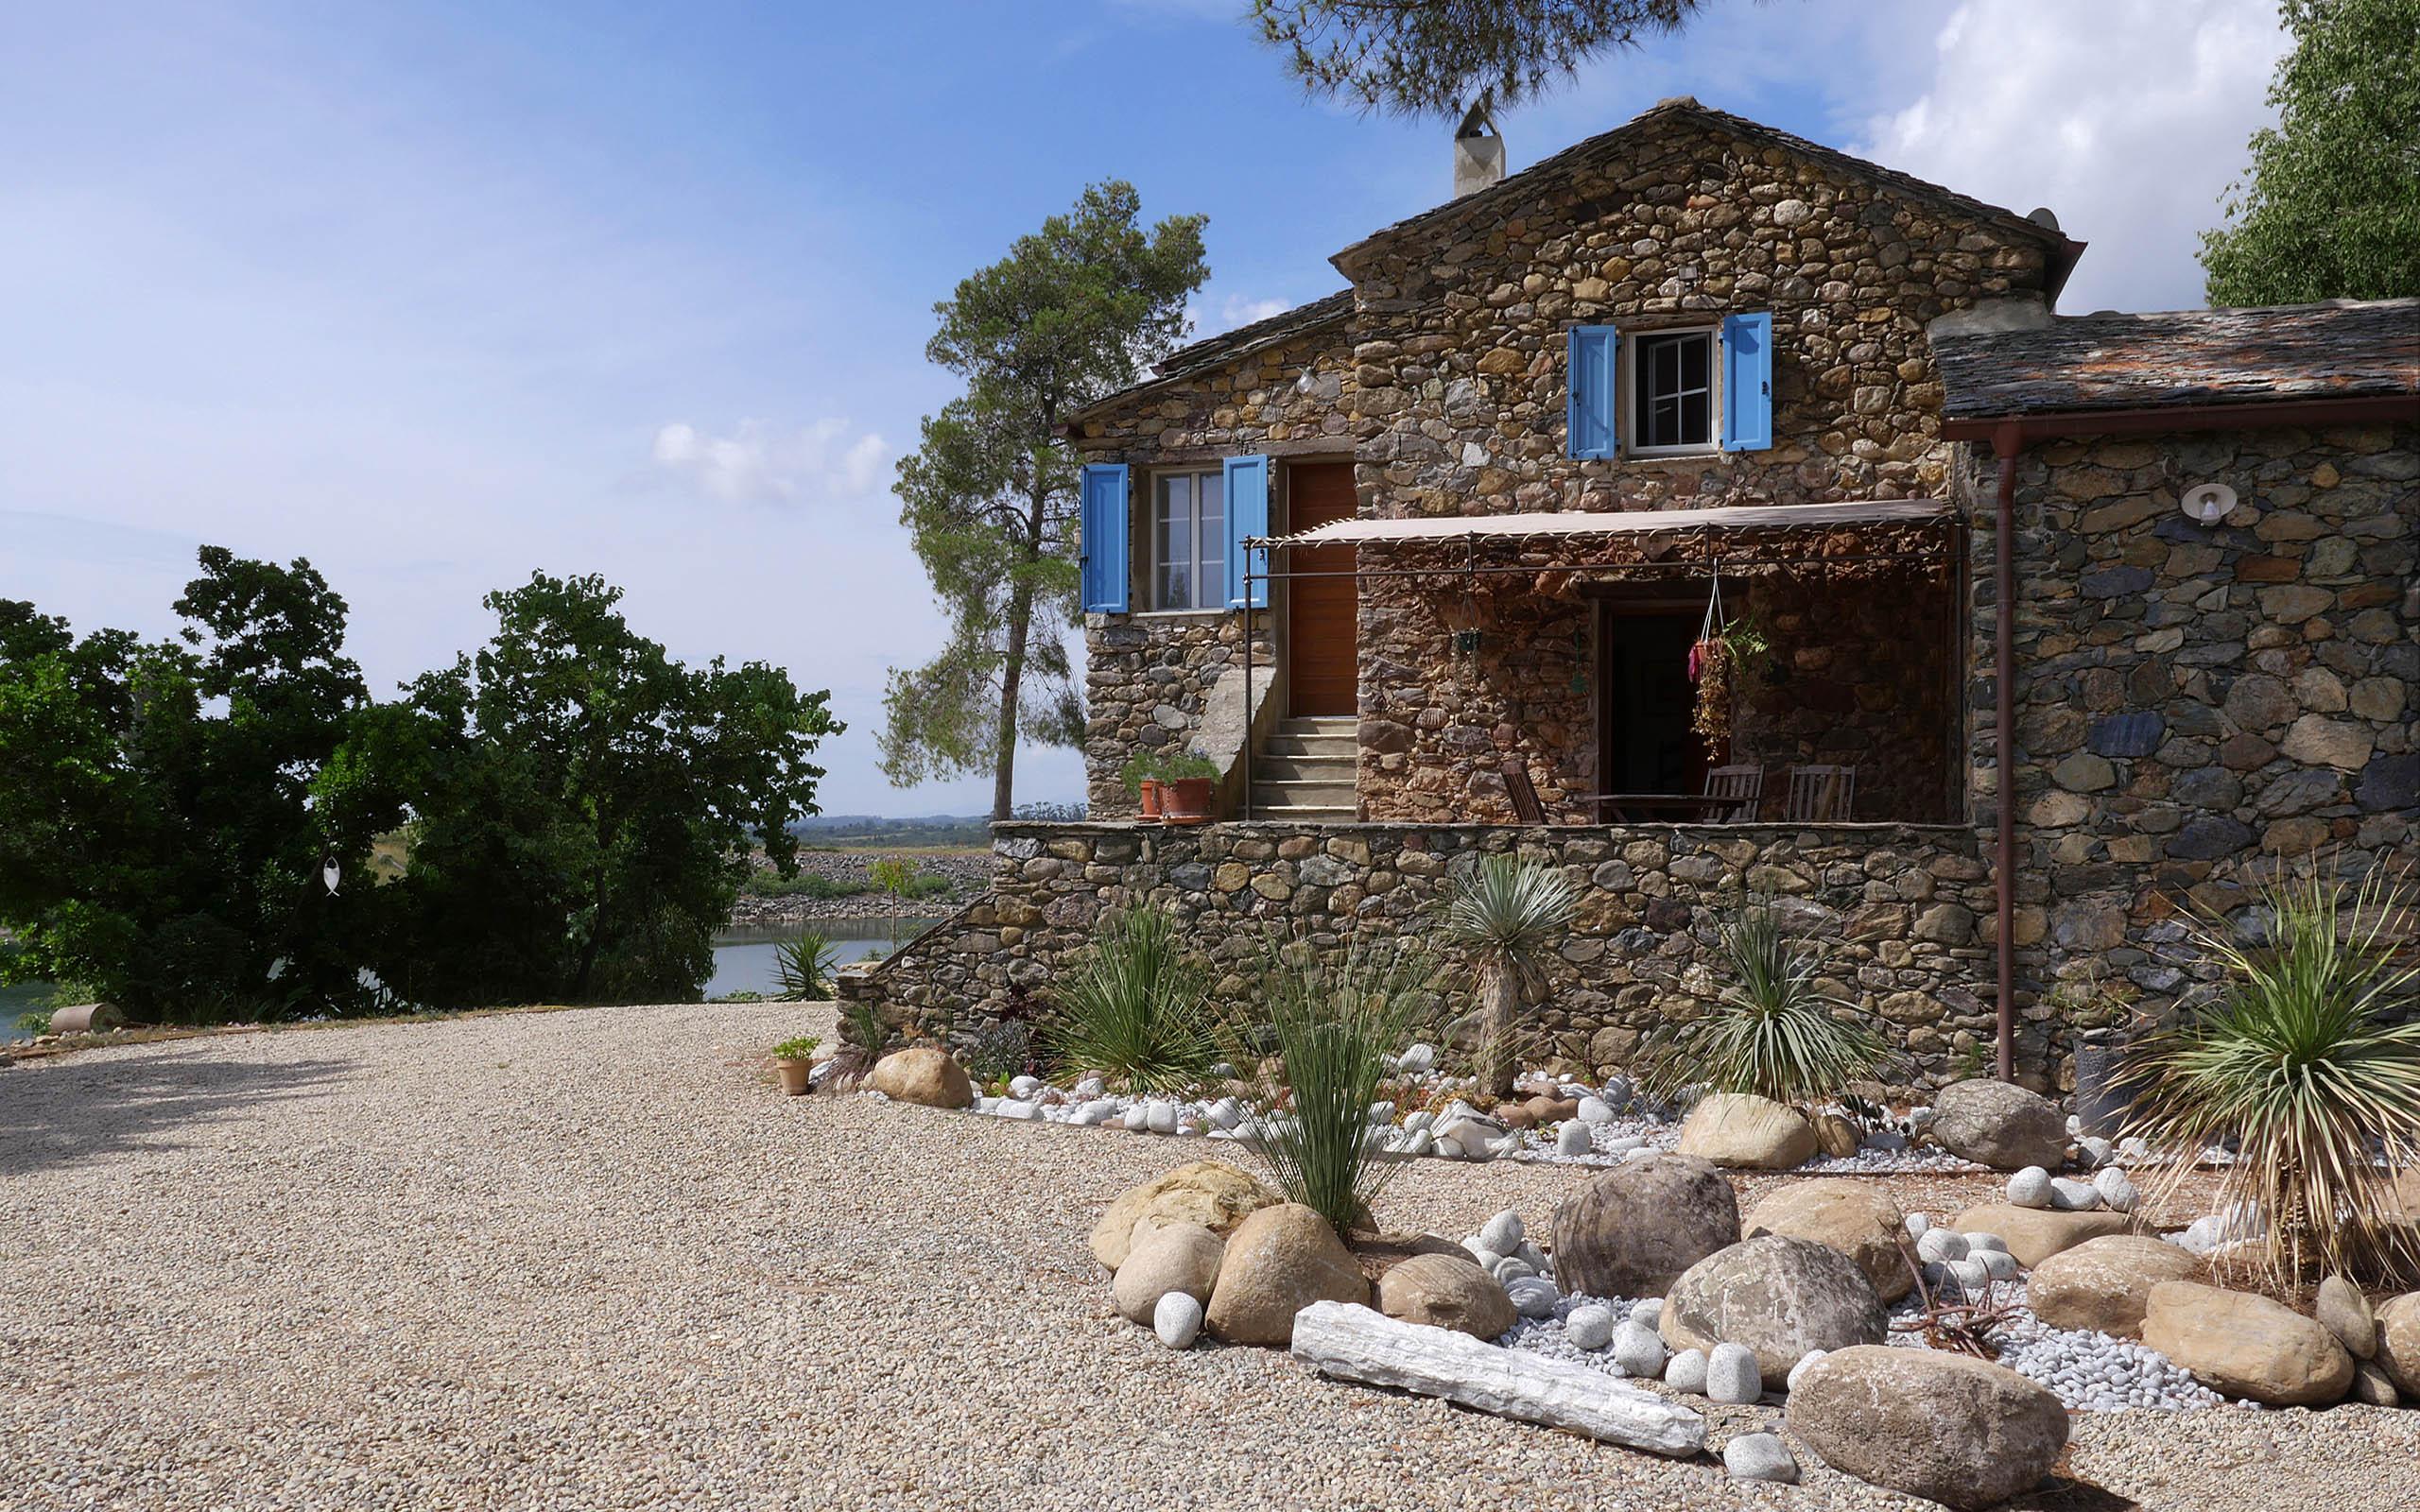 Casa di l'Onda location de villa en Haute Corse